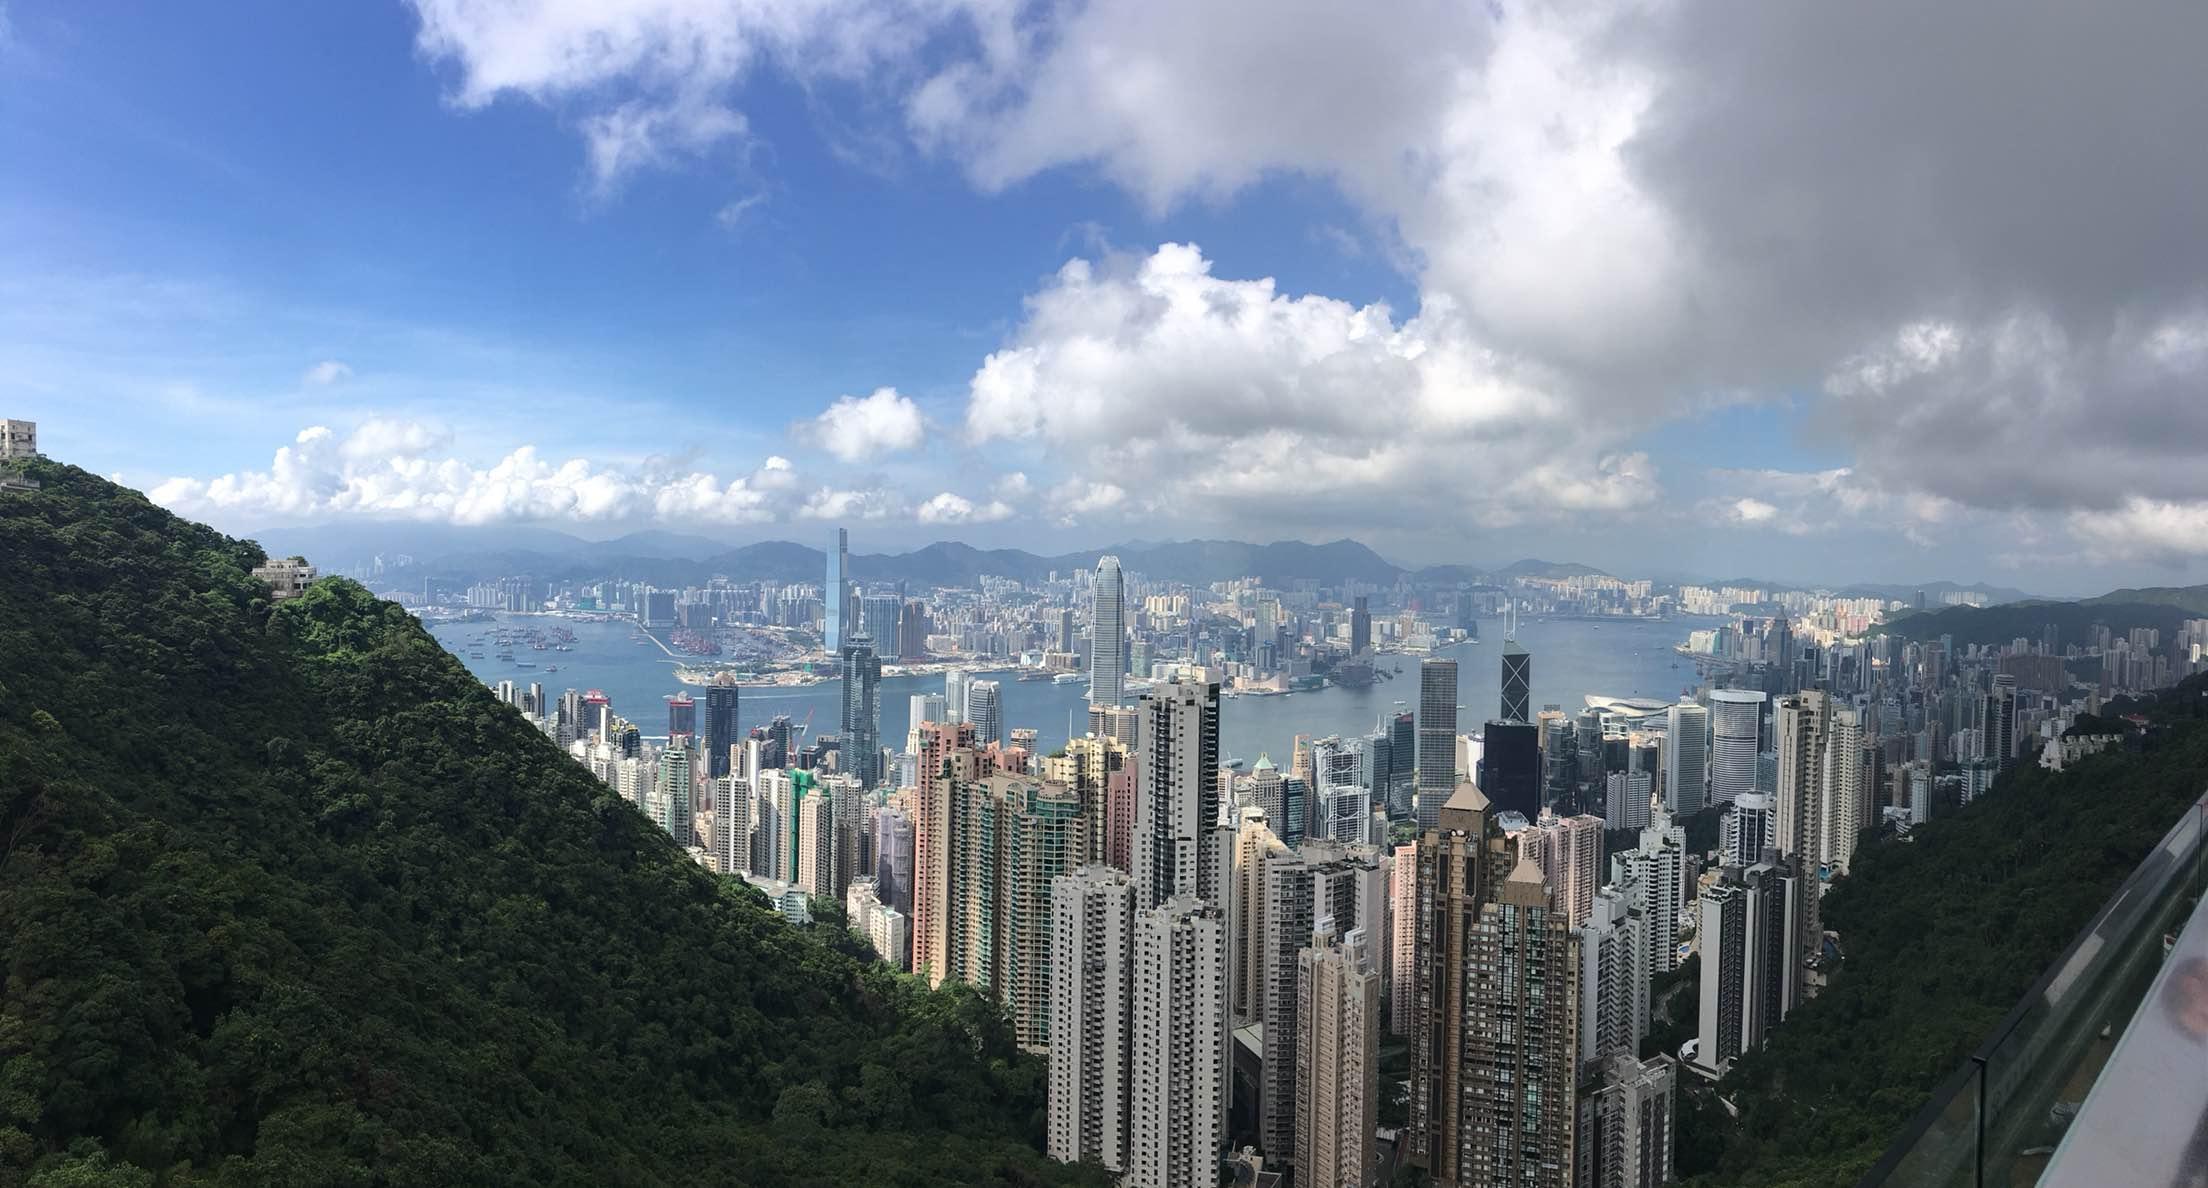 太平山山頂風景很美,香港一覽無余.杜莎夫人蠟像館也很有意思.